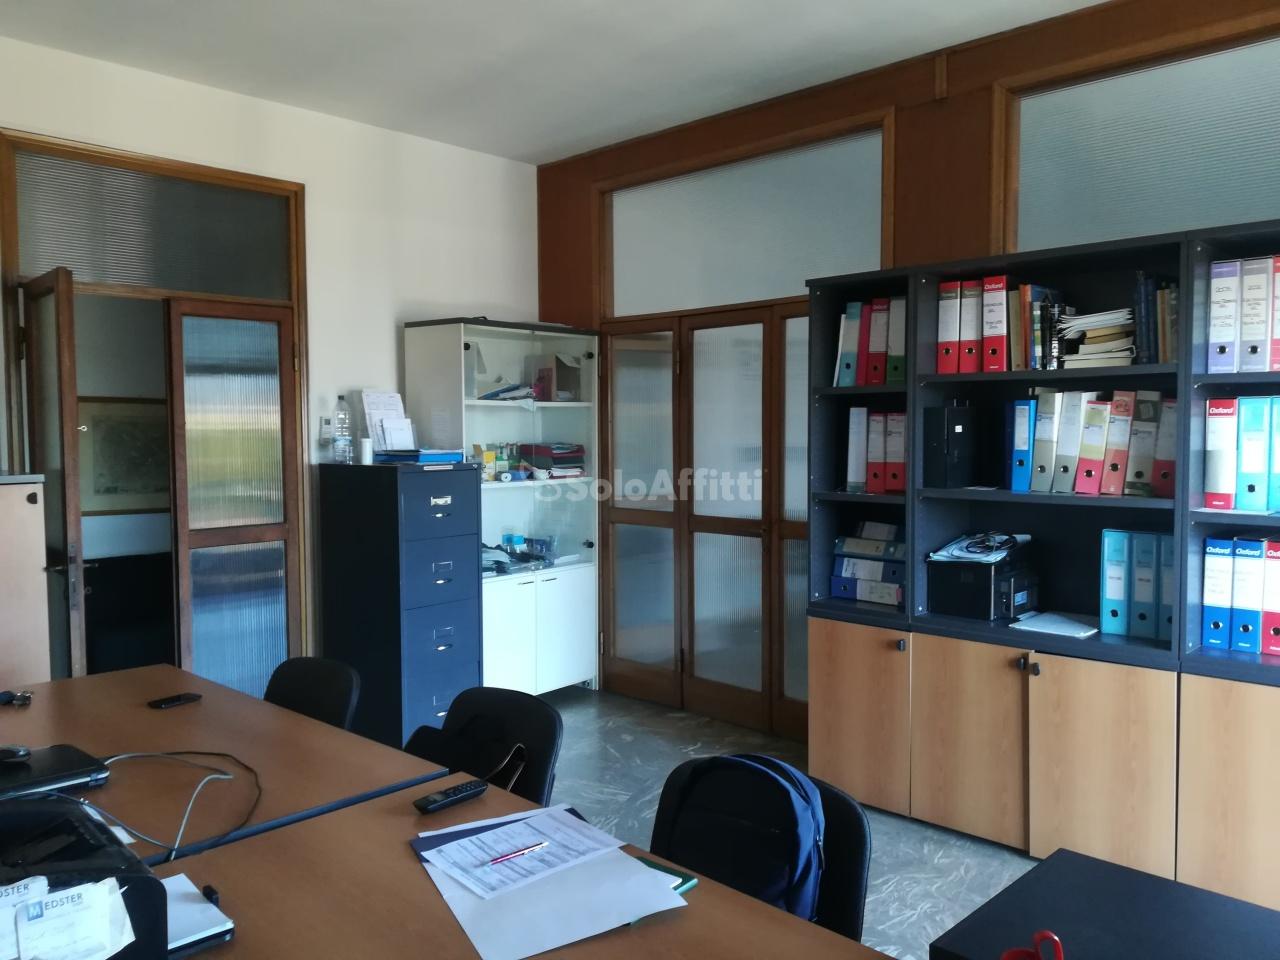 Ufficio - 1 locale a Centro Storico, Firenze Rif. 8518233